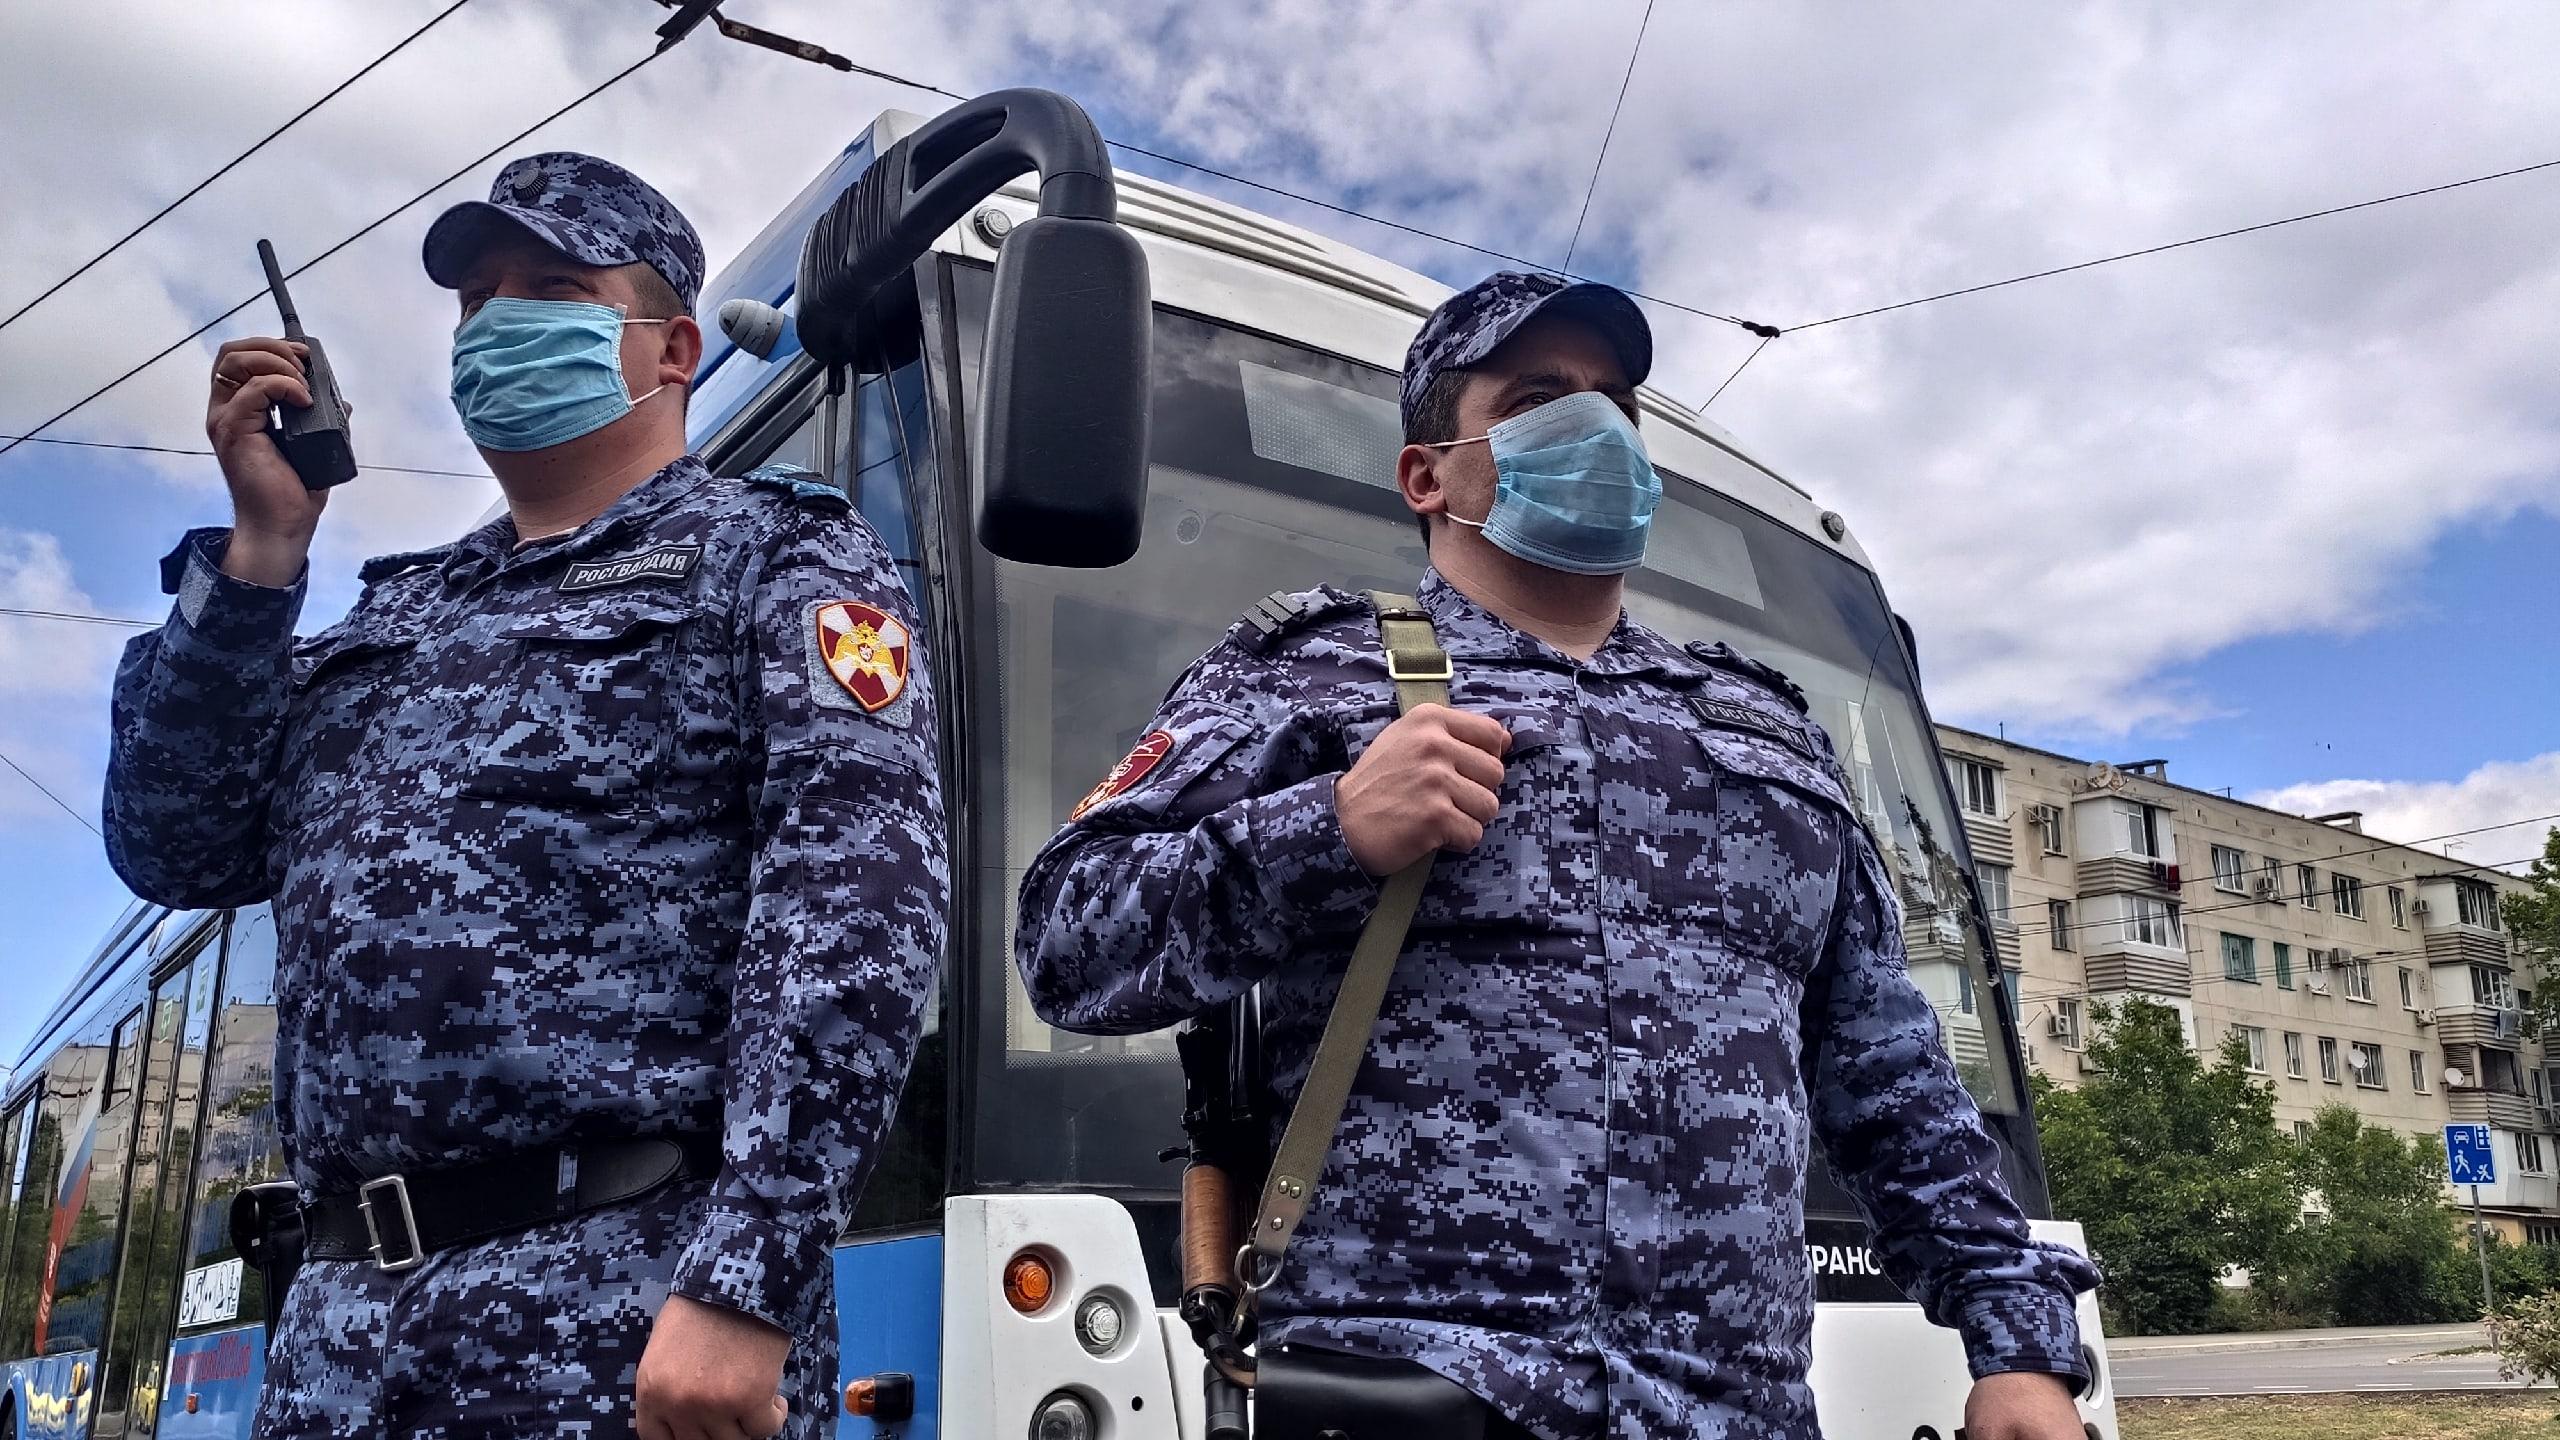 Пьяного севастопольца задержали за дебош в троллейбусе